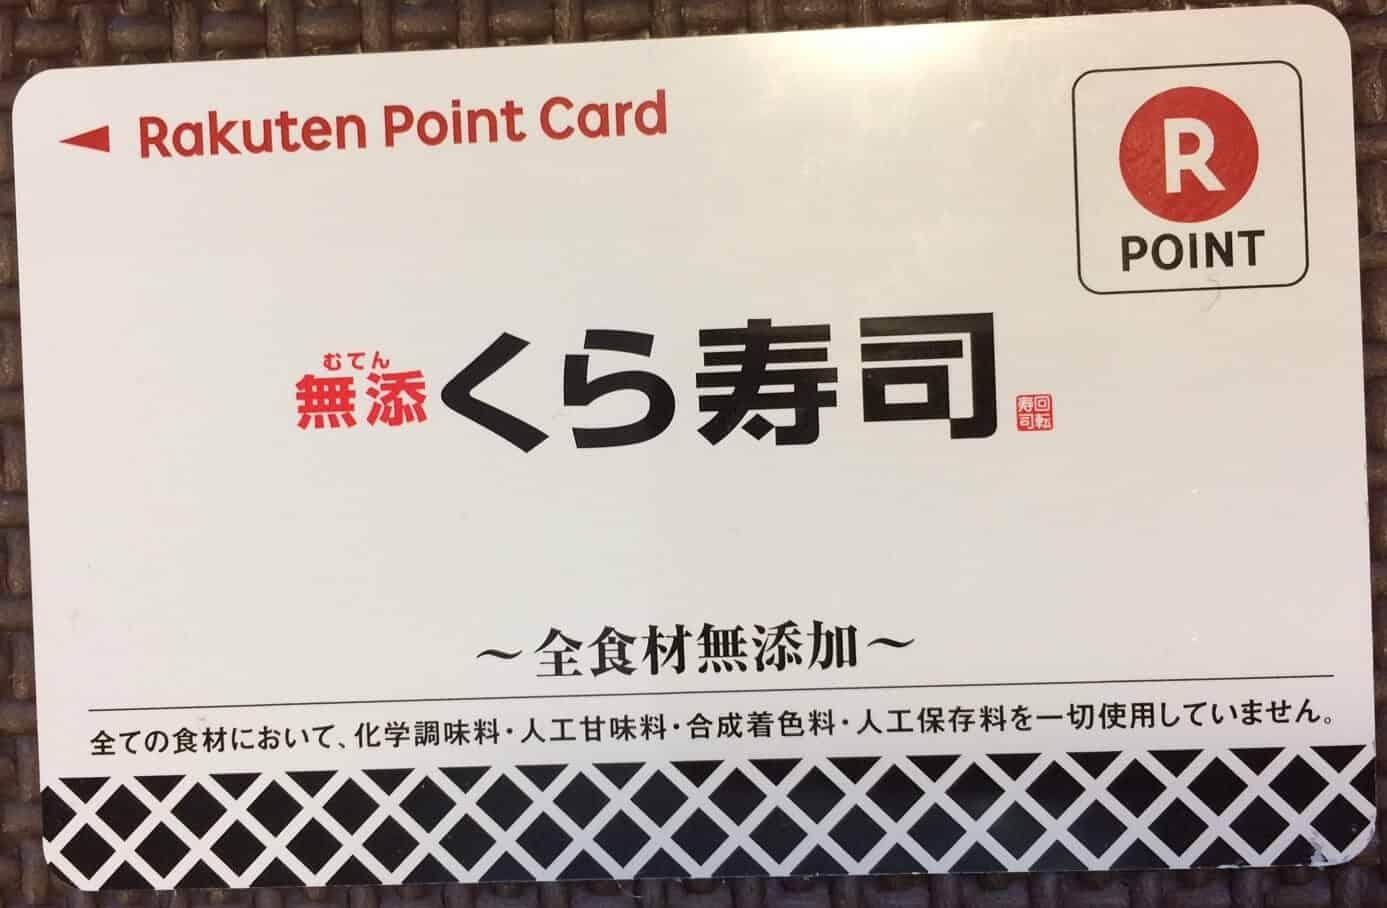 くら寿司楽天ポイントカードがはじめての利用登録で108ポイント!